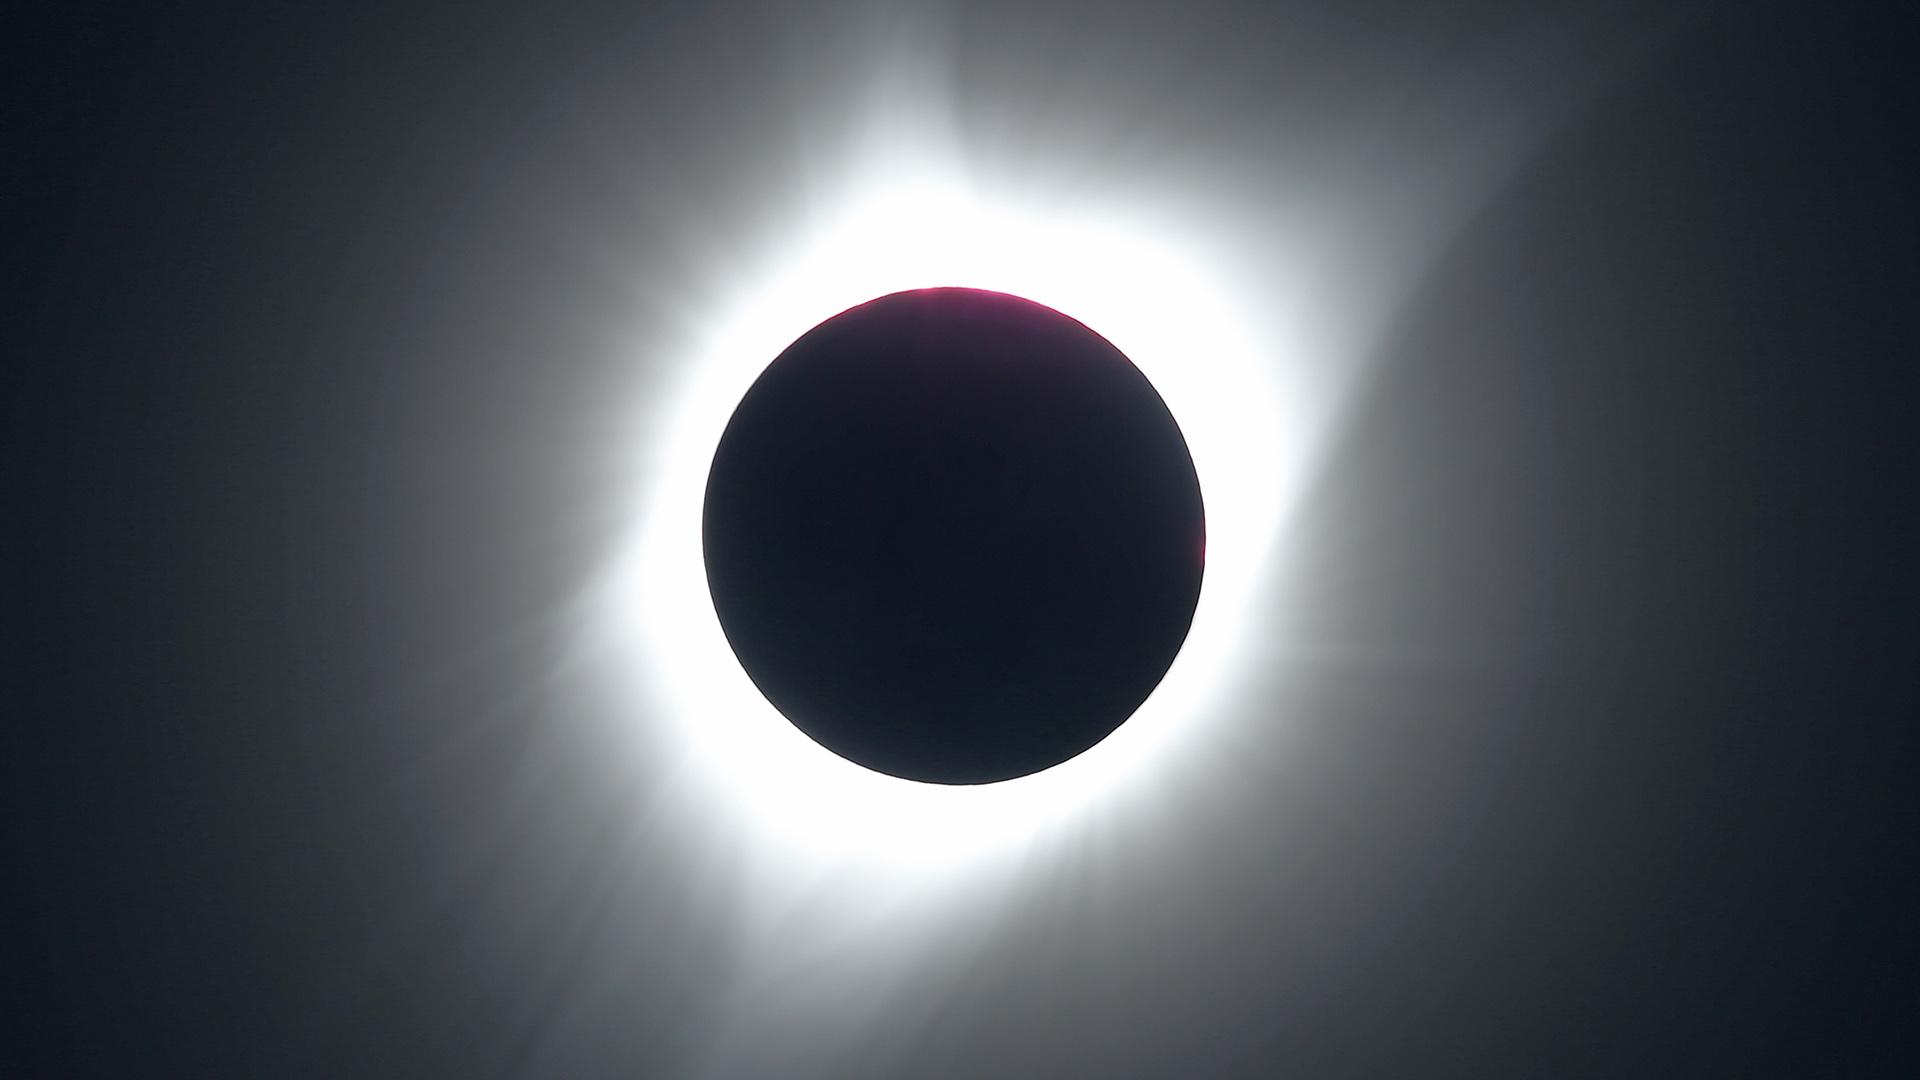 El fenómeno fue visible en un territorio de 113 kilómetros de ancho de oeste a este que cruzó 14 estados de EEUU